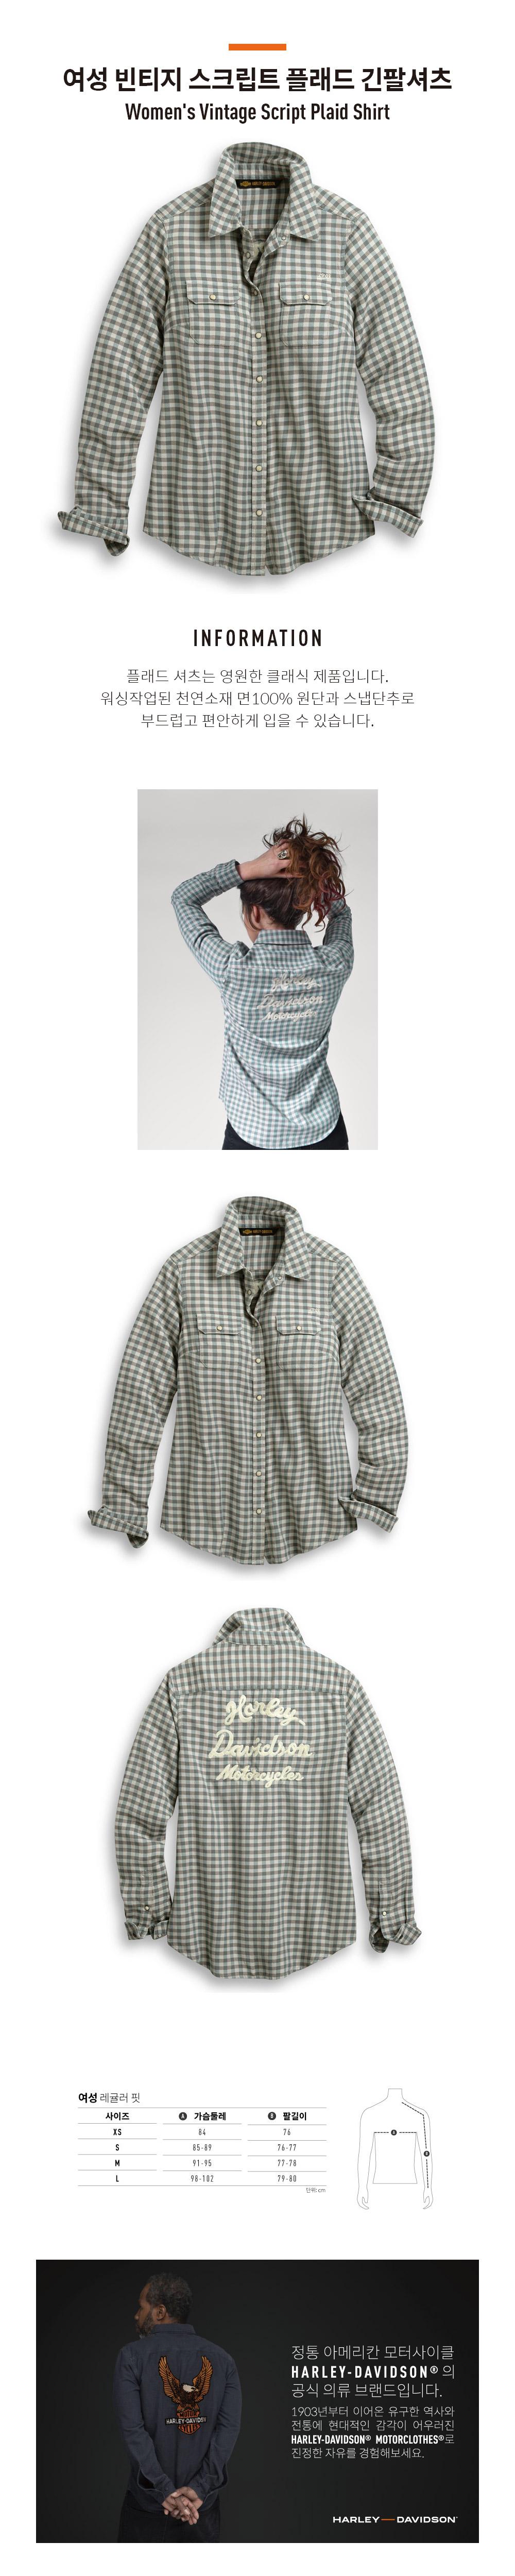 여성 빈티지 스크립트 플래드 긴팔셔츠